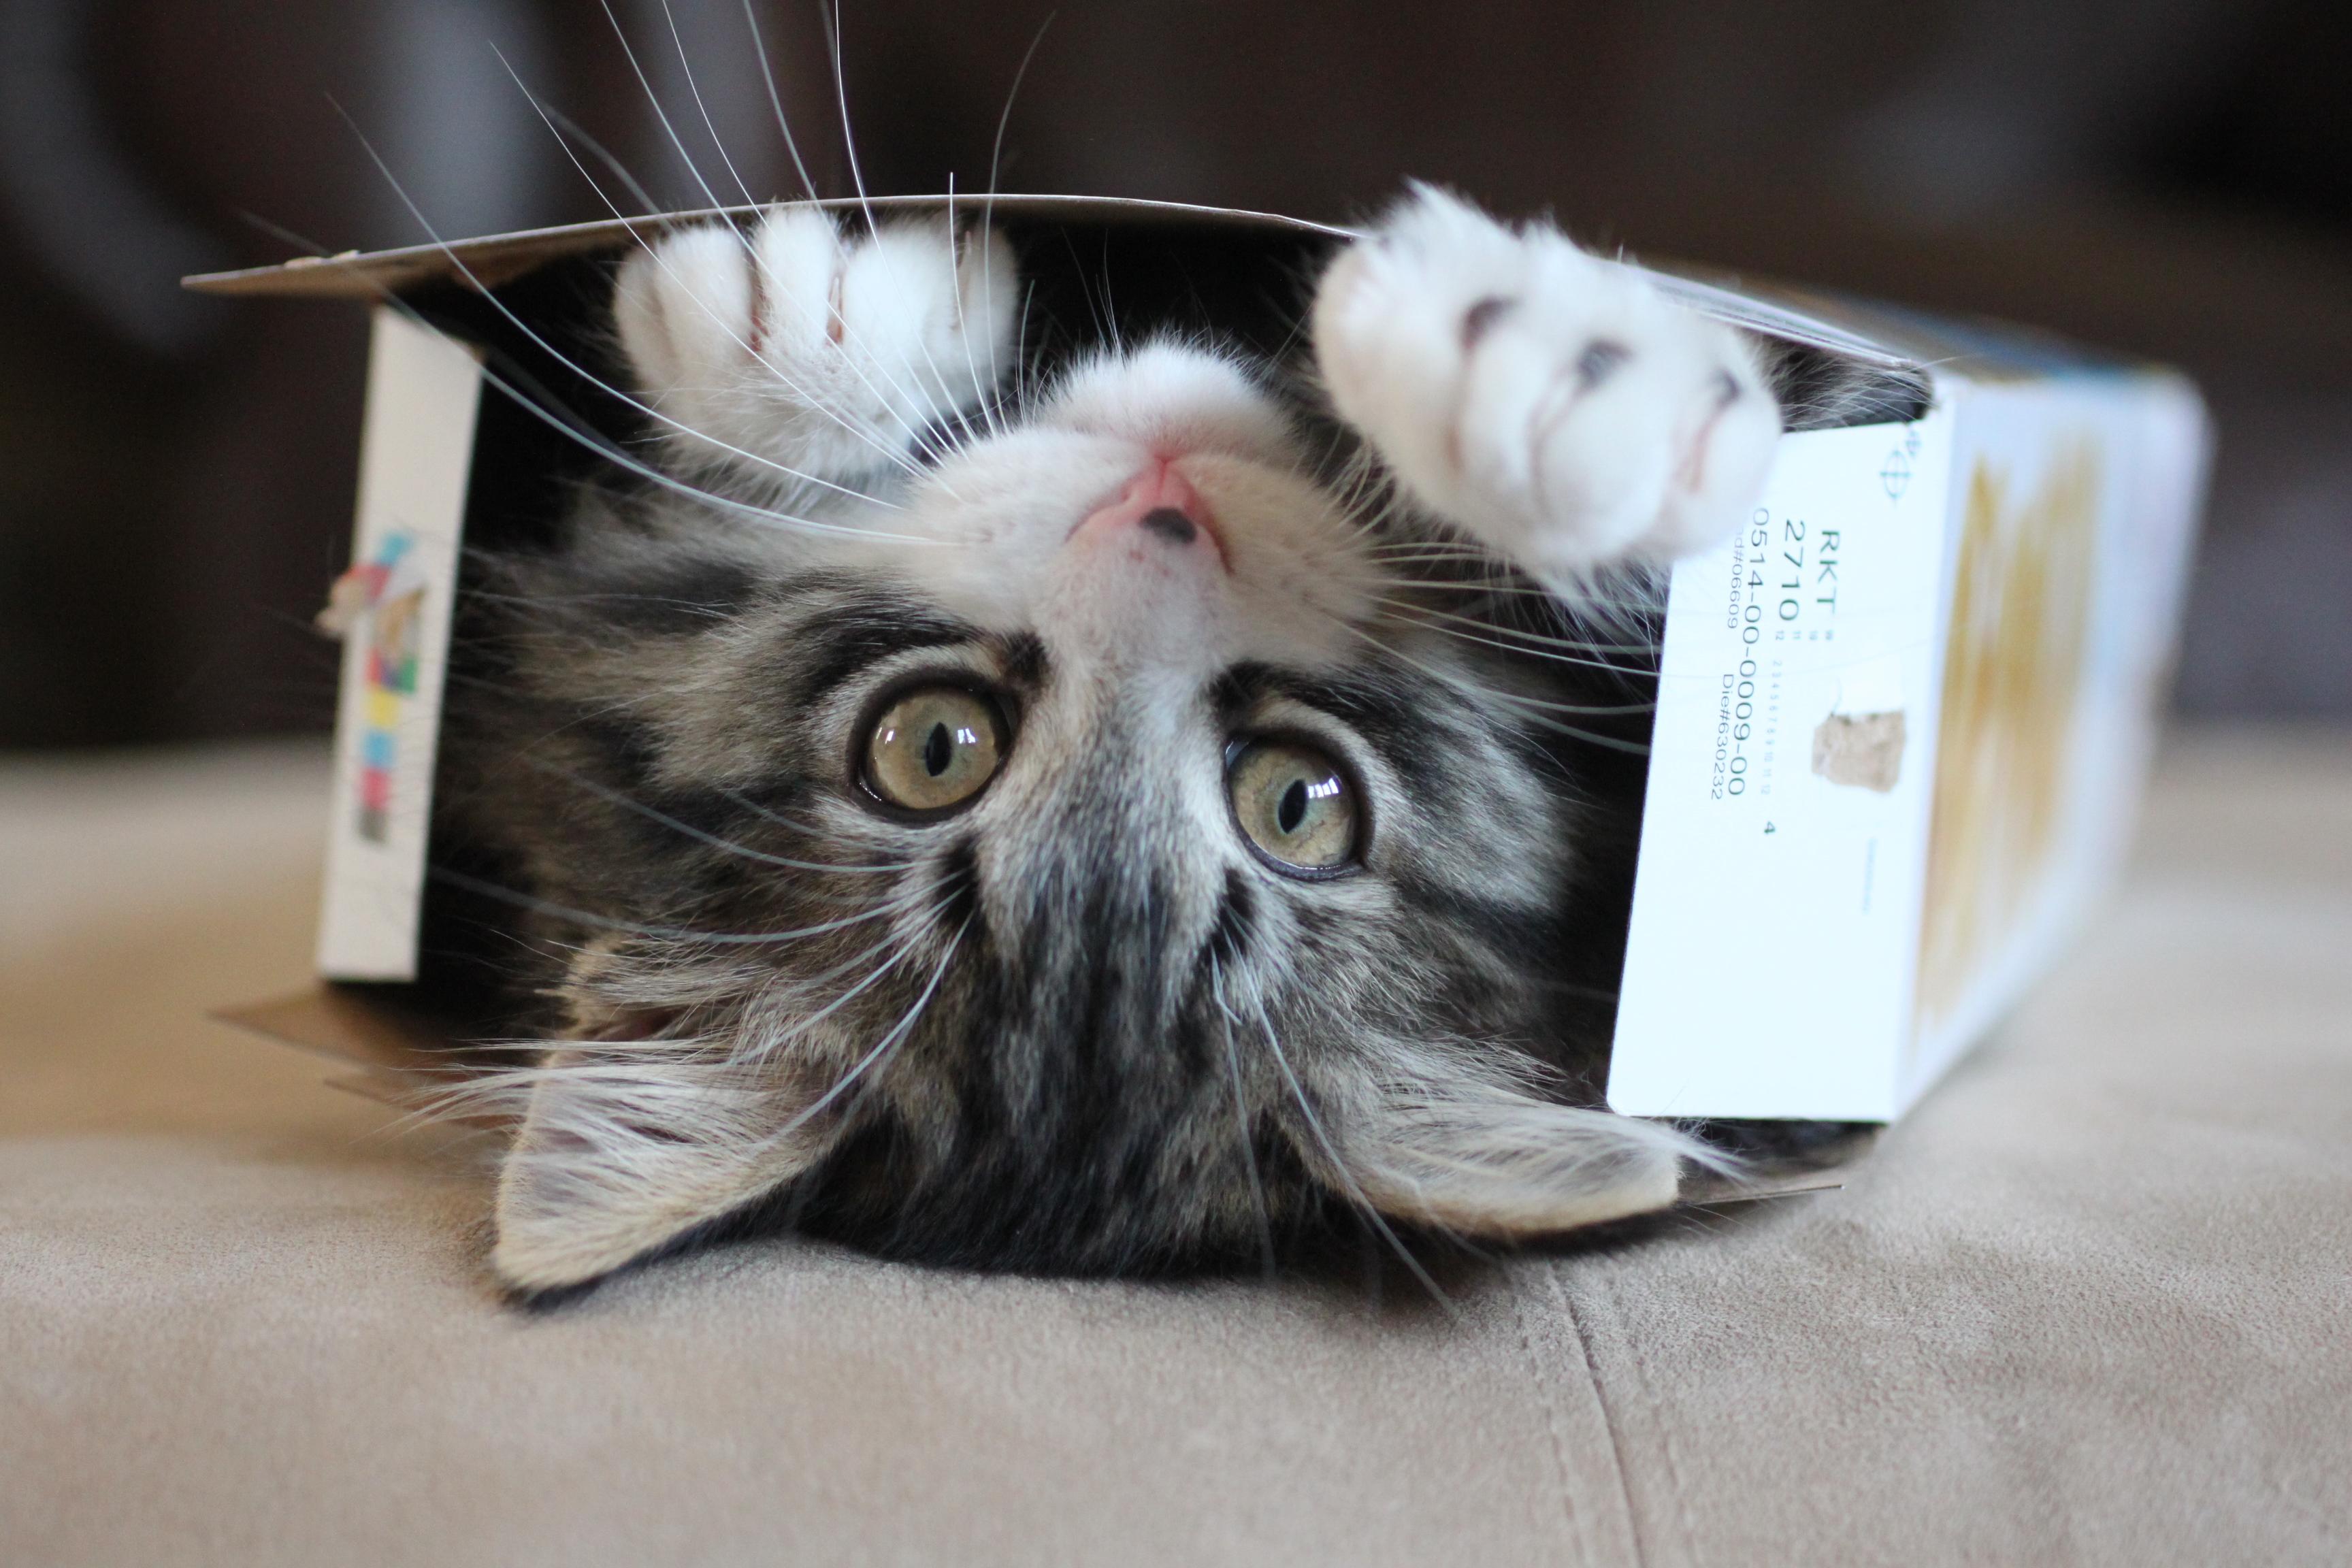 gatos les gustan las cajas